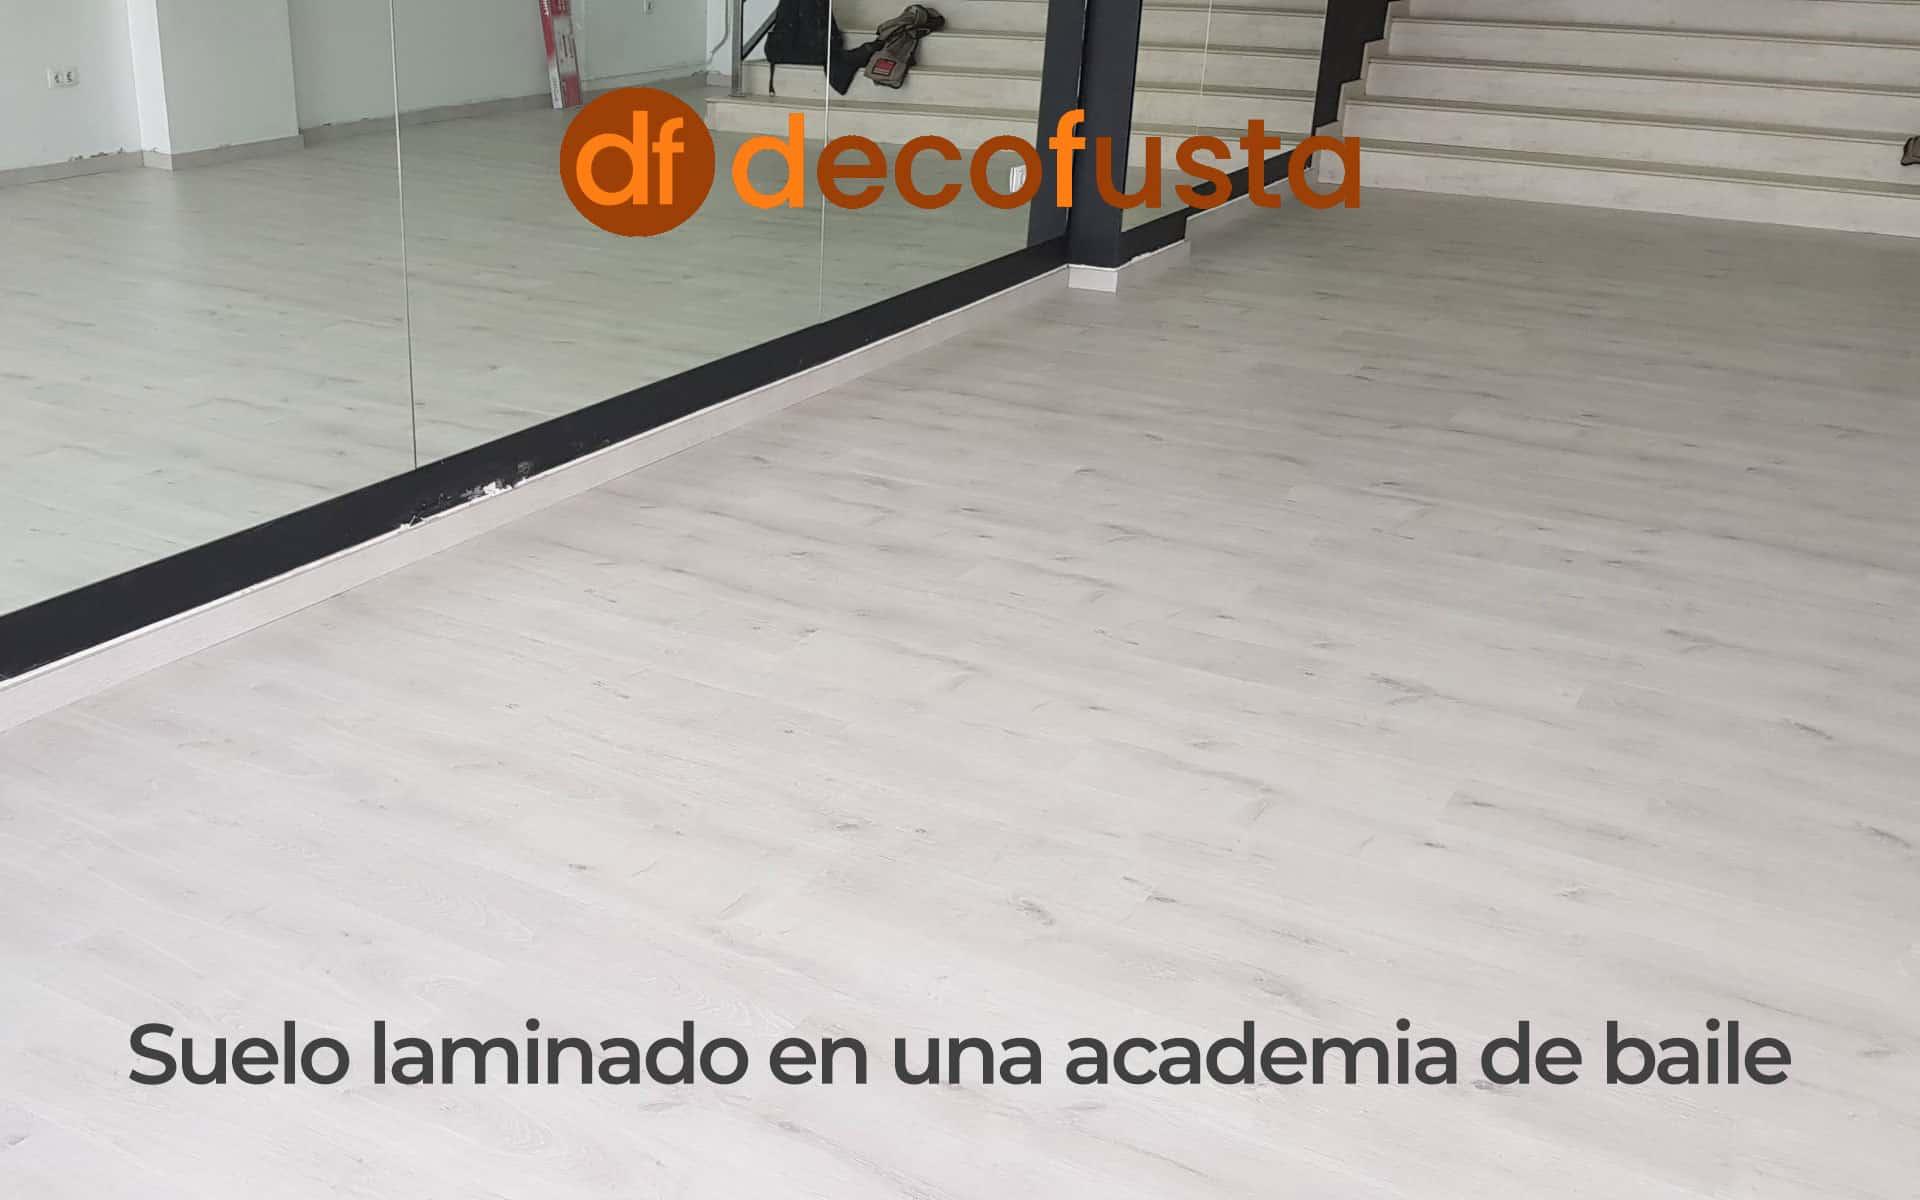 suelo laminado en una academia de baile